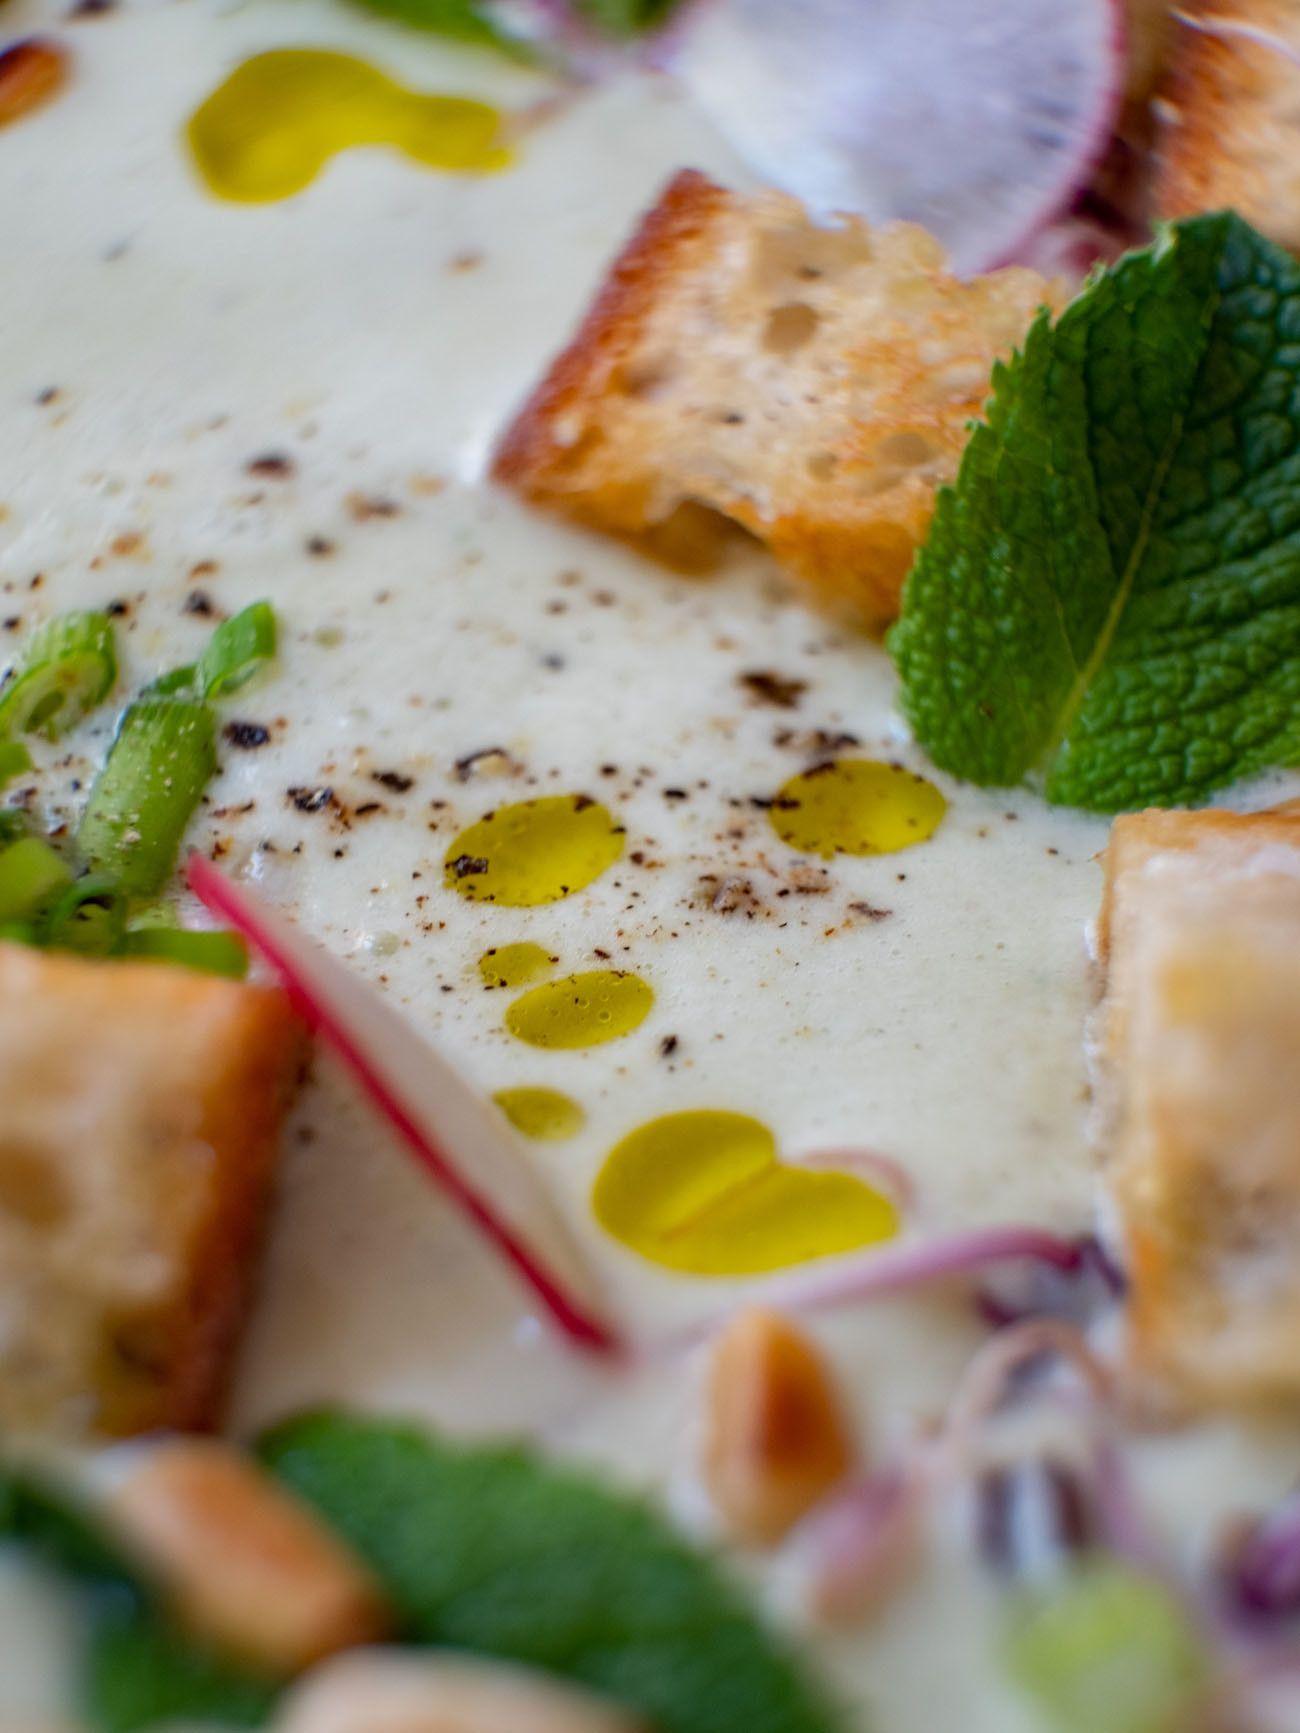 Foodblog, About Fuel, Rezept Gurken-Mandel-Gazpacho mit Croutons, Olivenöl, Pfeffer, Minze, Radieschen